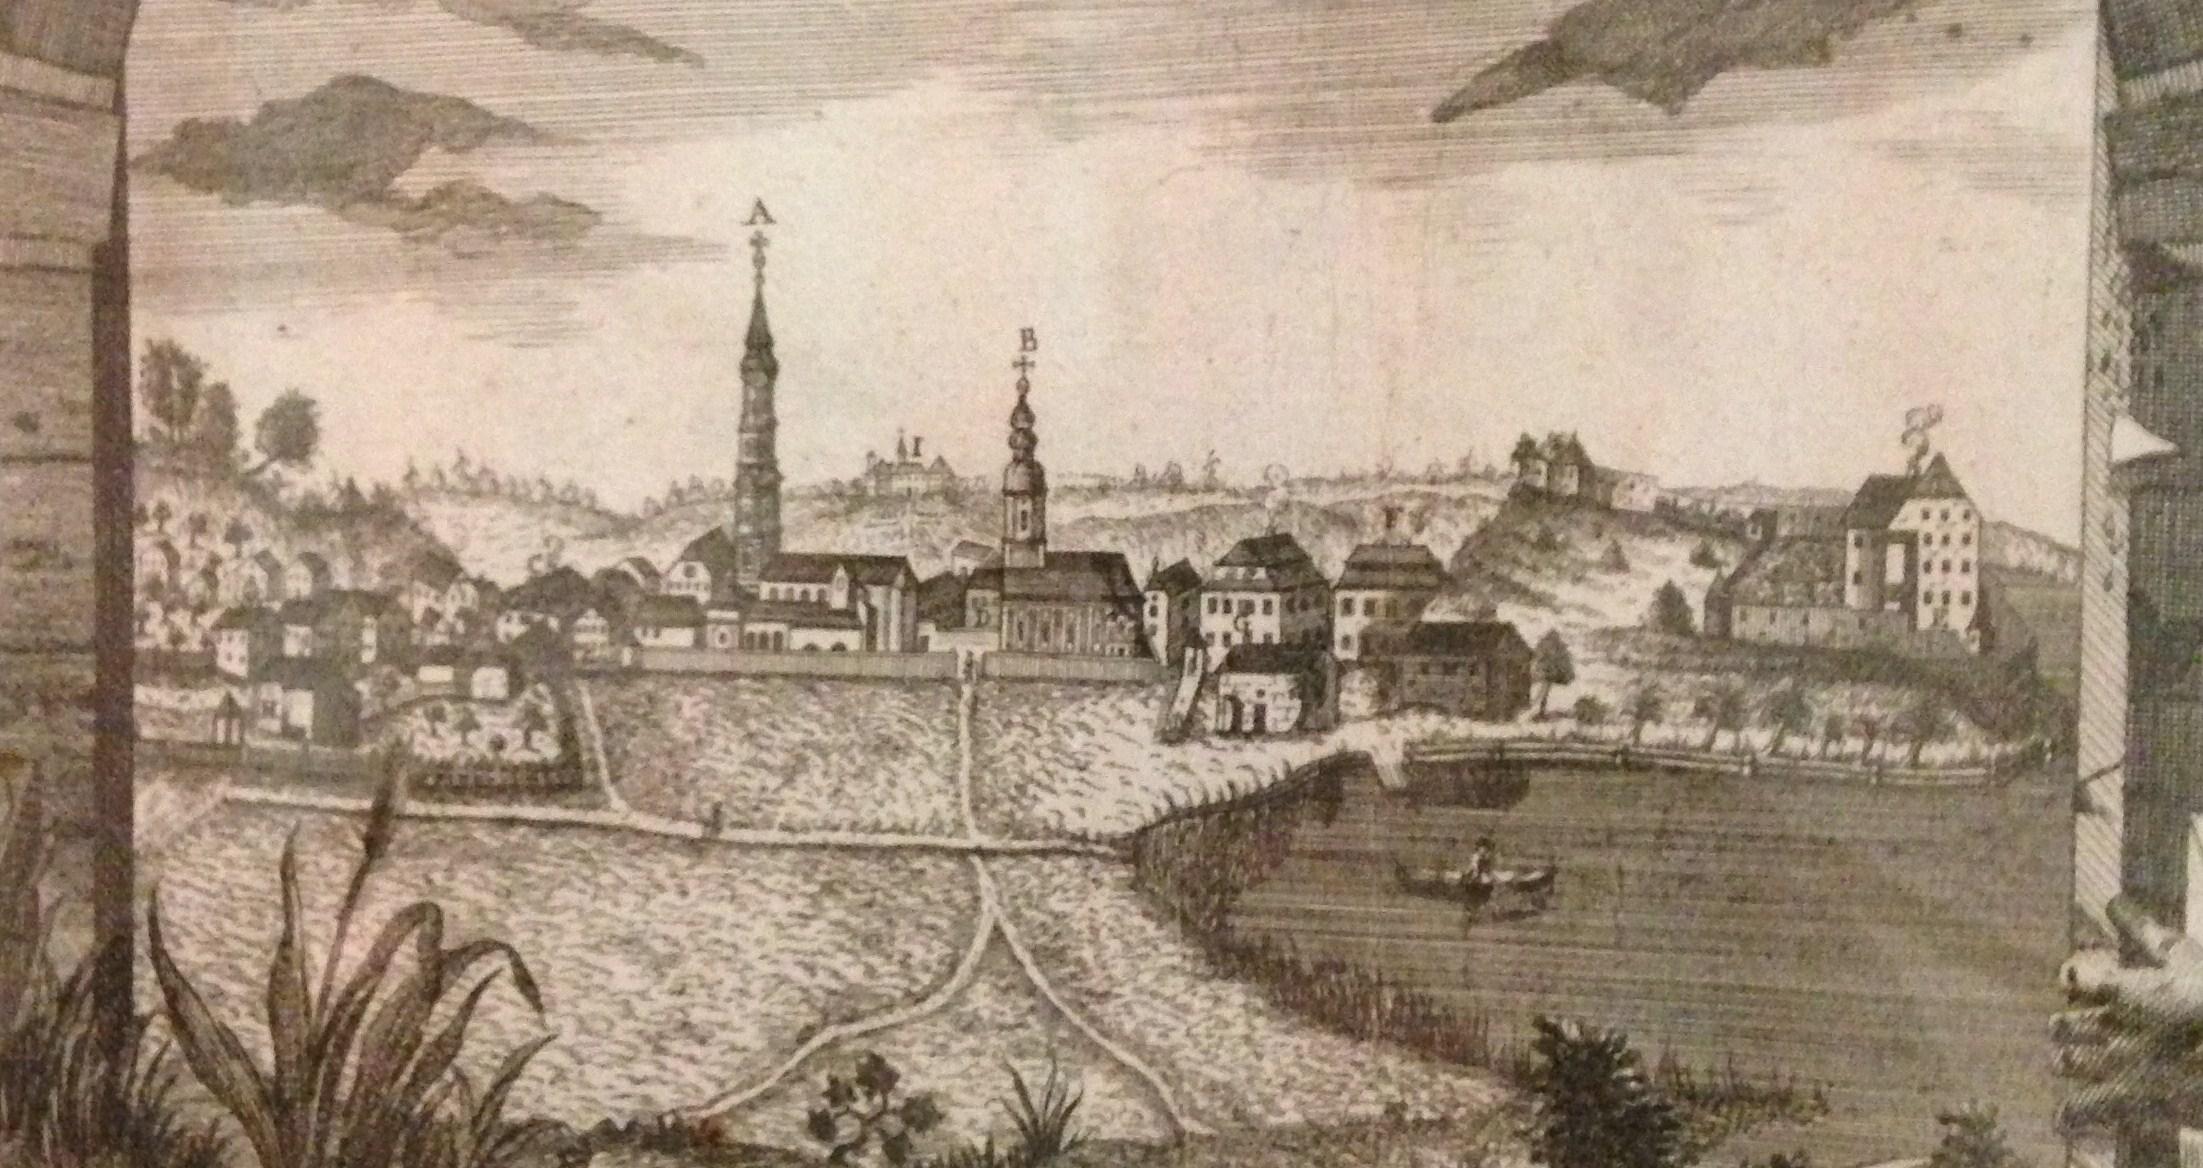 Kalender zum Stiftsjubiläum 1777; Johann Friedrich CARL, Burghausen; Detail